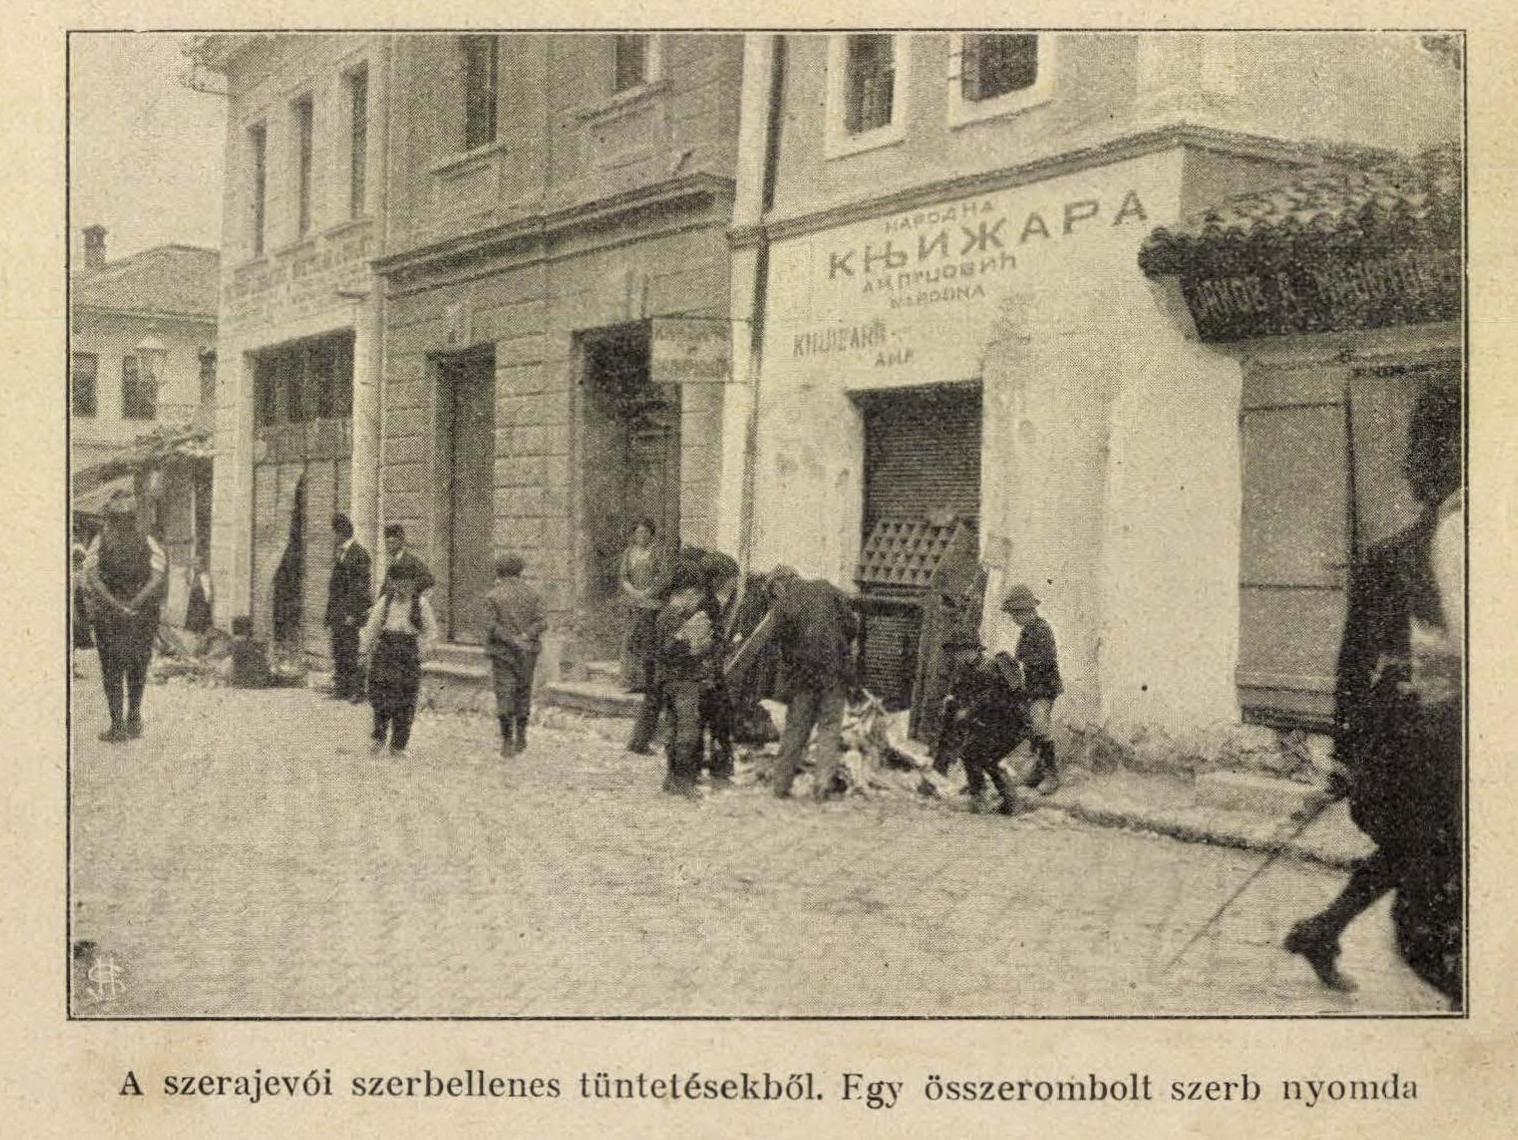 Forrás: A Világháború képes krónikája. I. kötet. Révai-Kiadás, Bp., 1914.